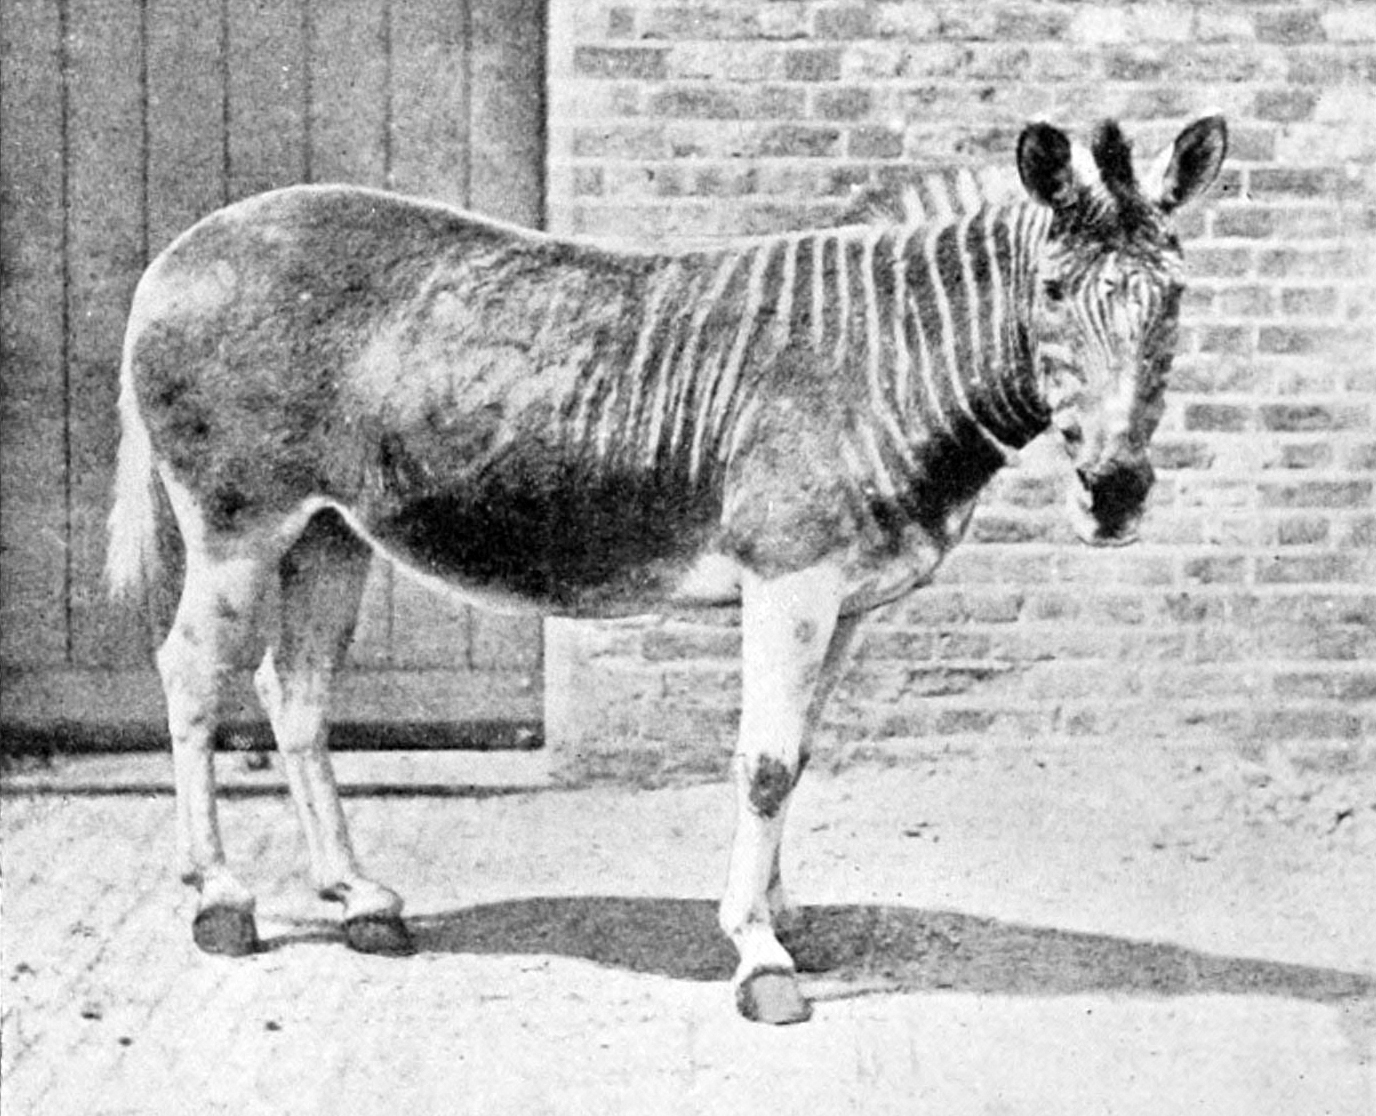 Extinct species and subspecies